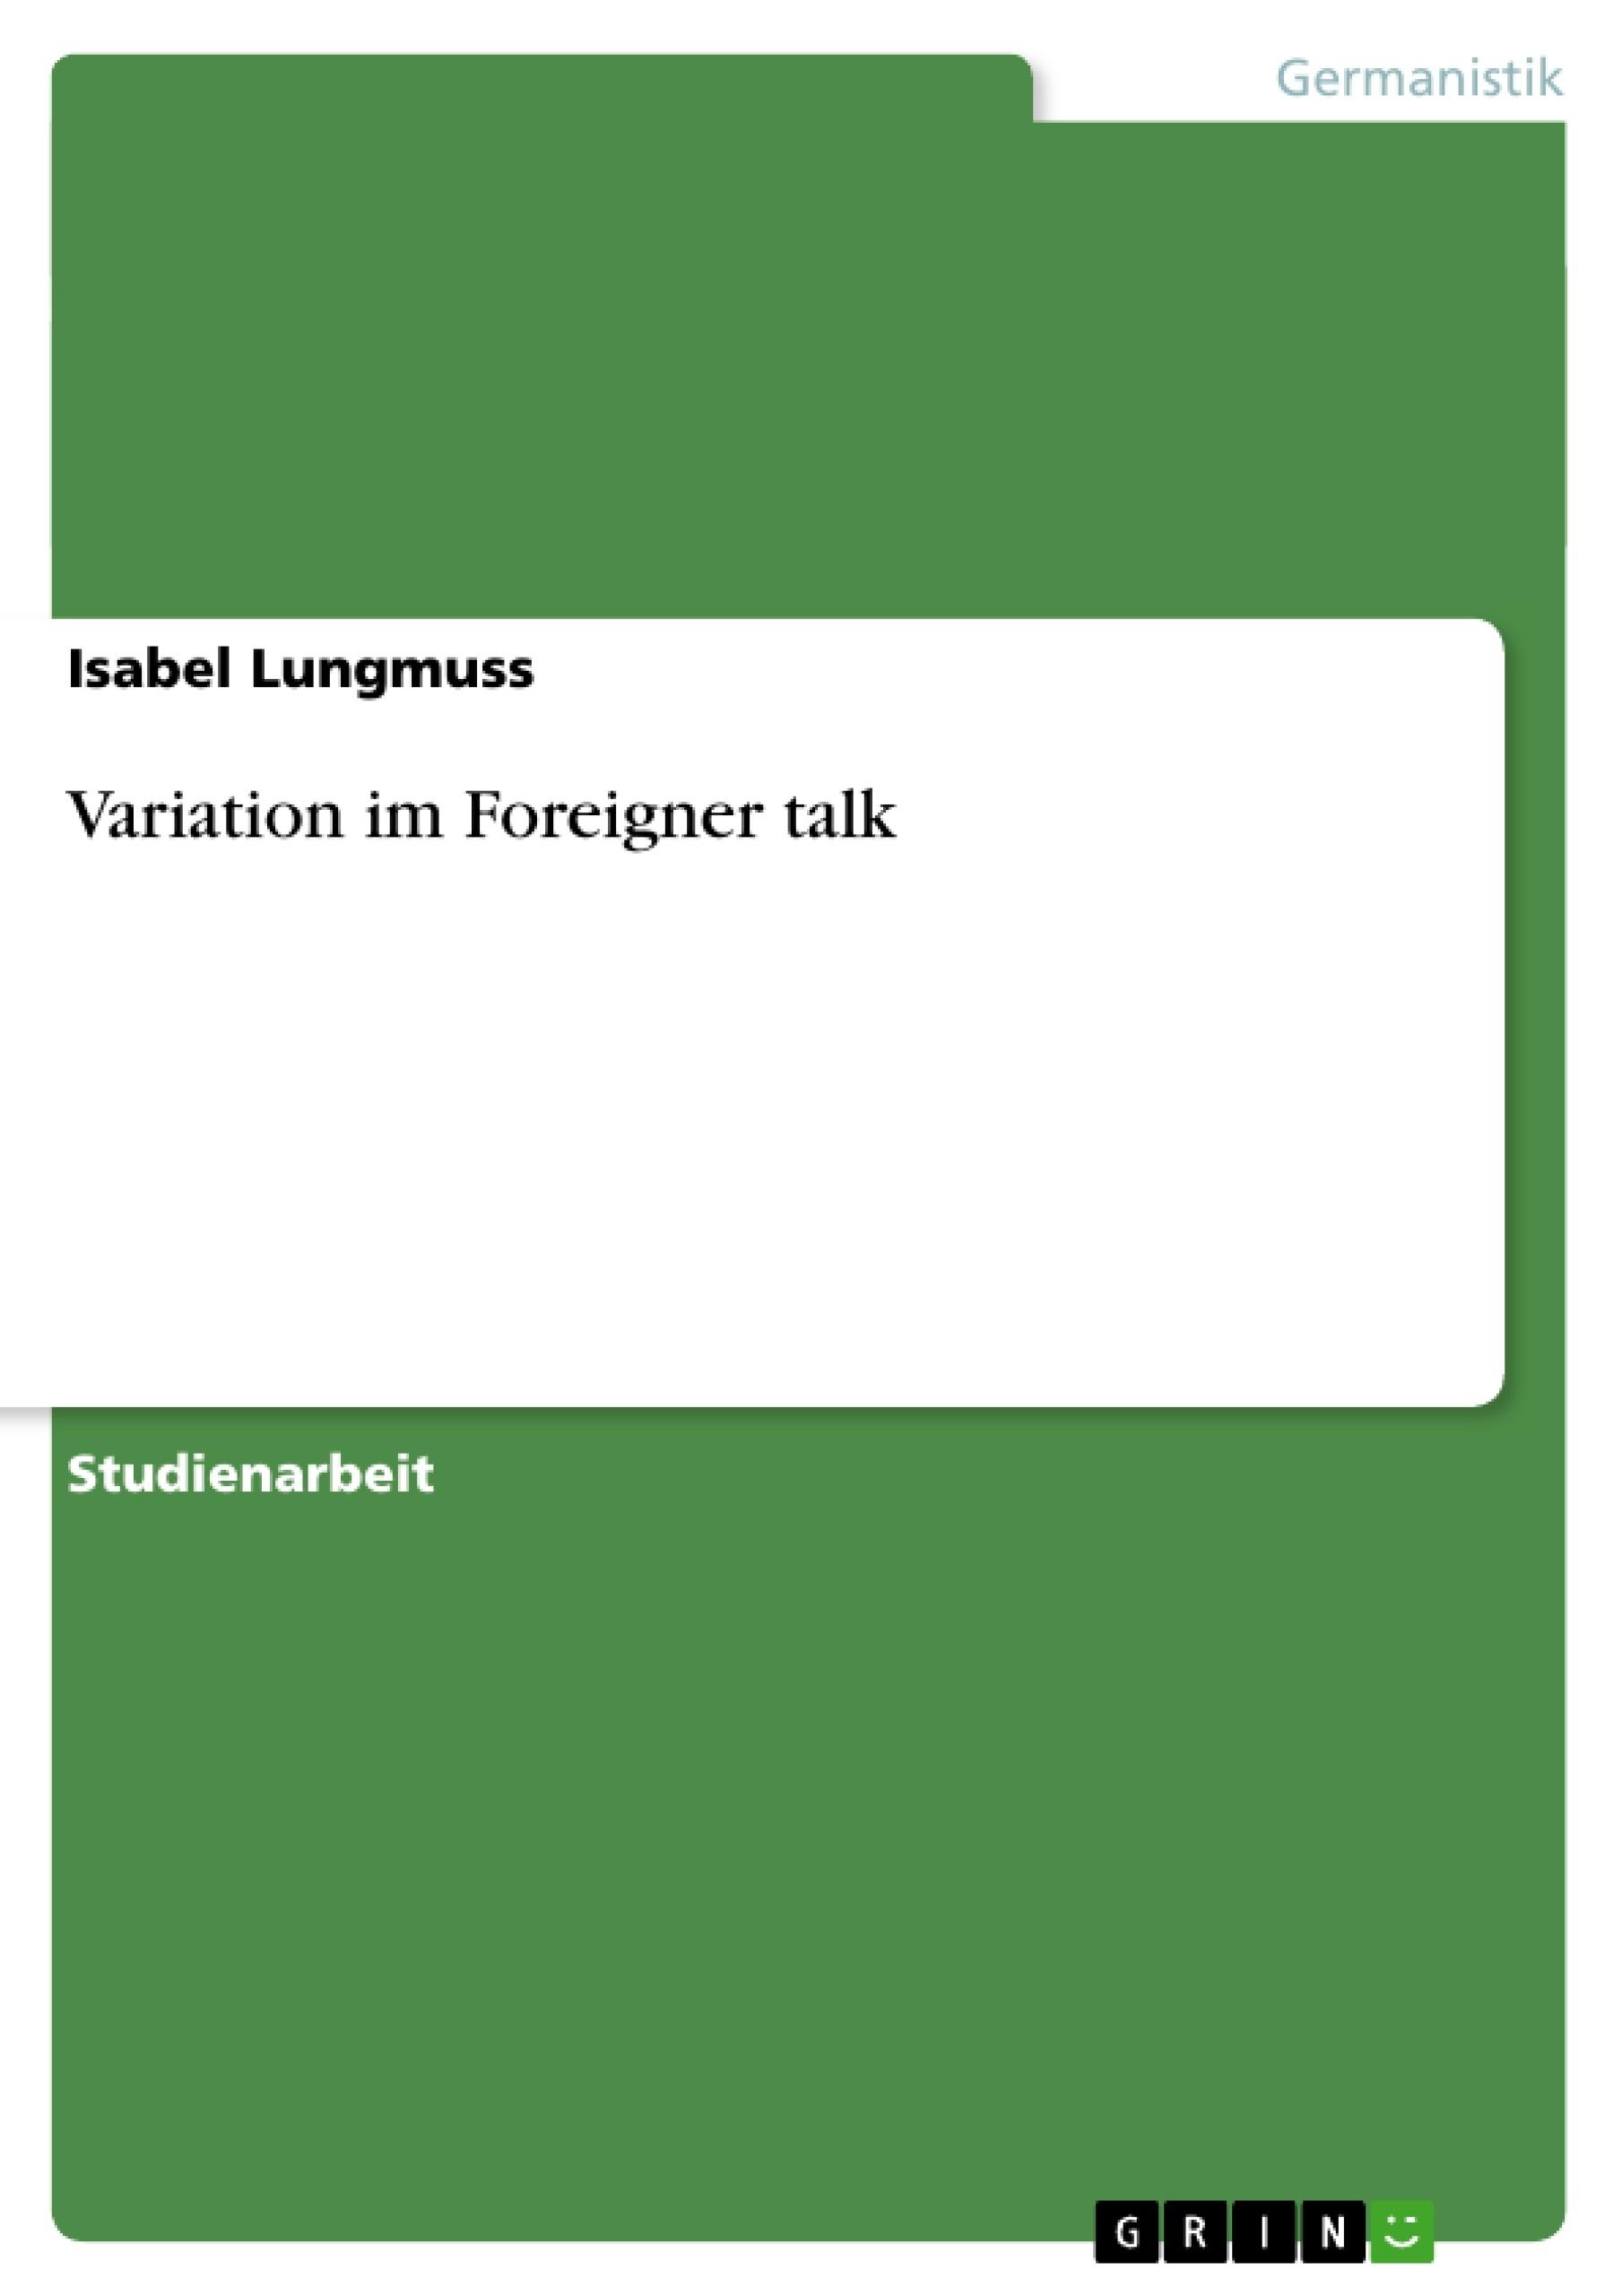 Titel: Variation im Foreigner talk